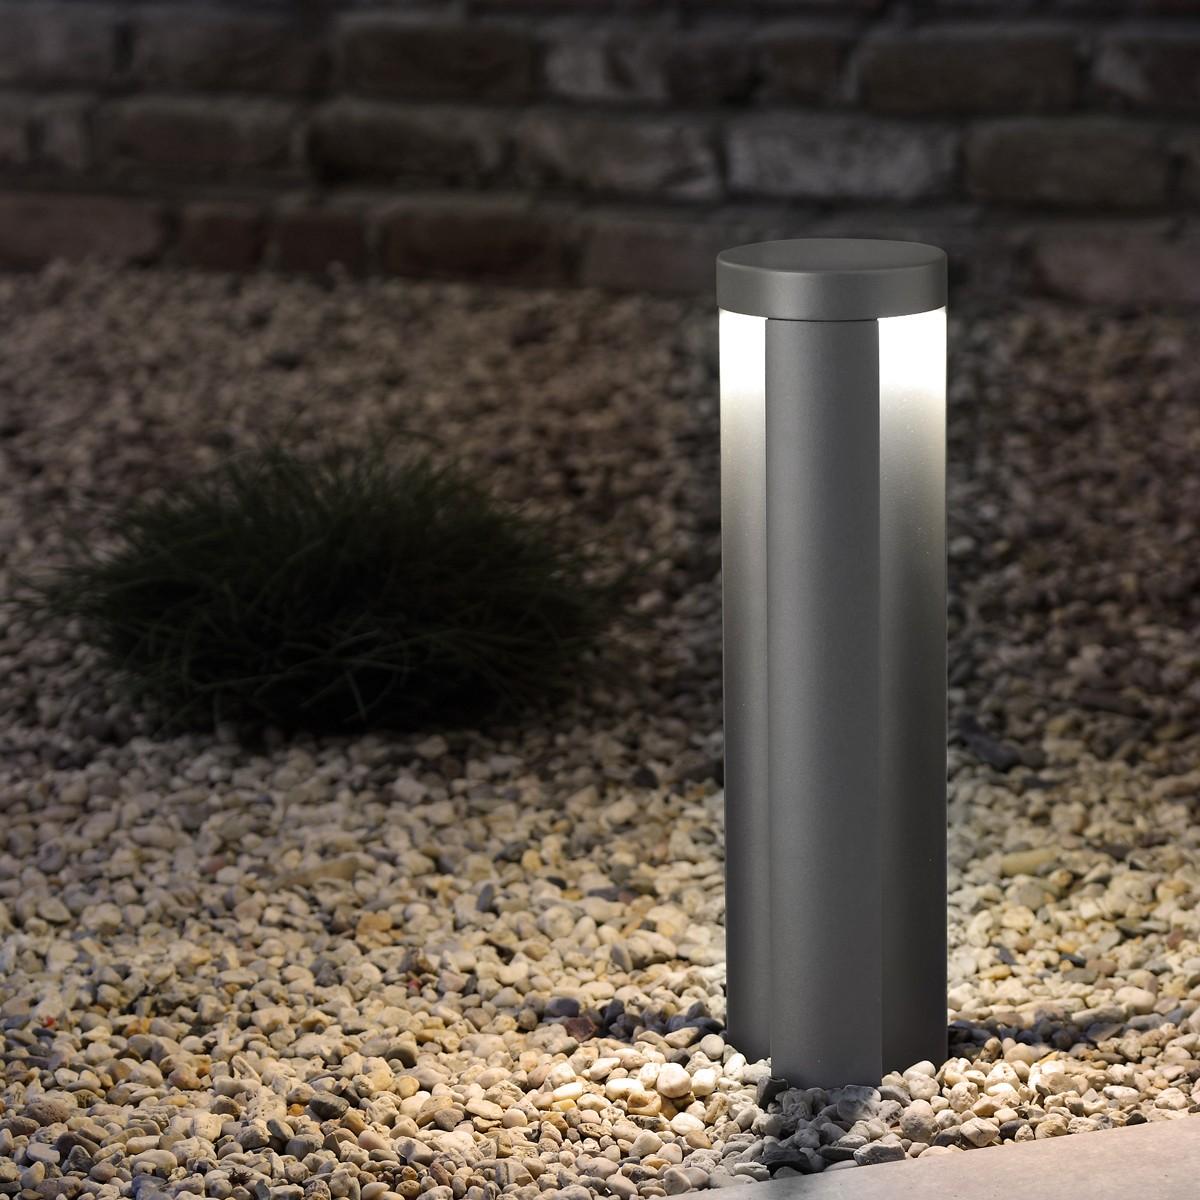 Lupia Licht Statia Pollerleuchte, Höhe: 25 cm, anthrazit